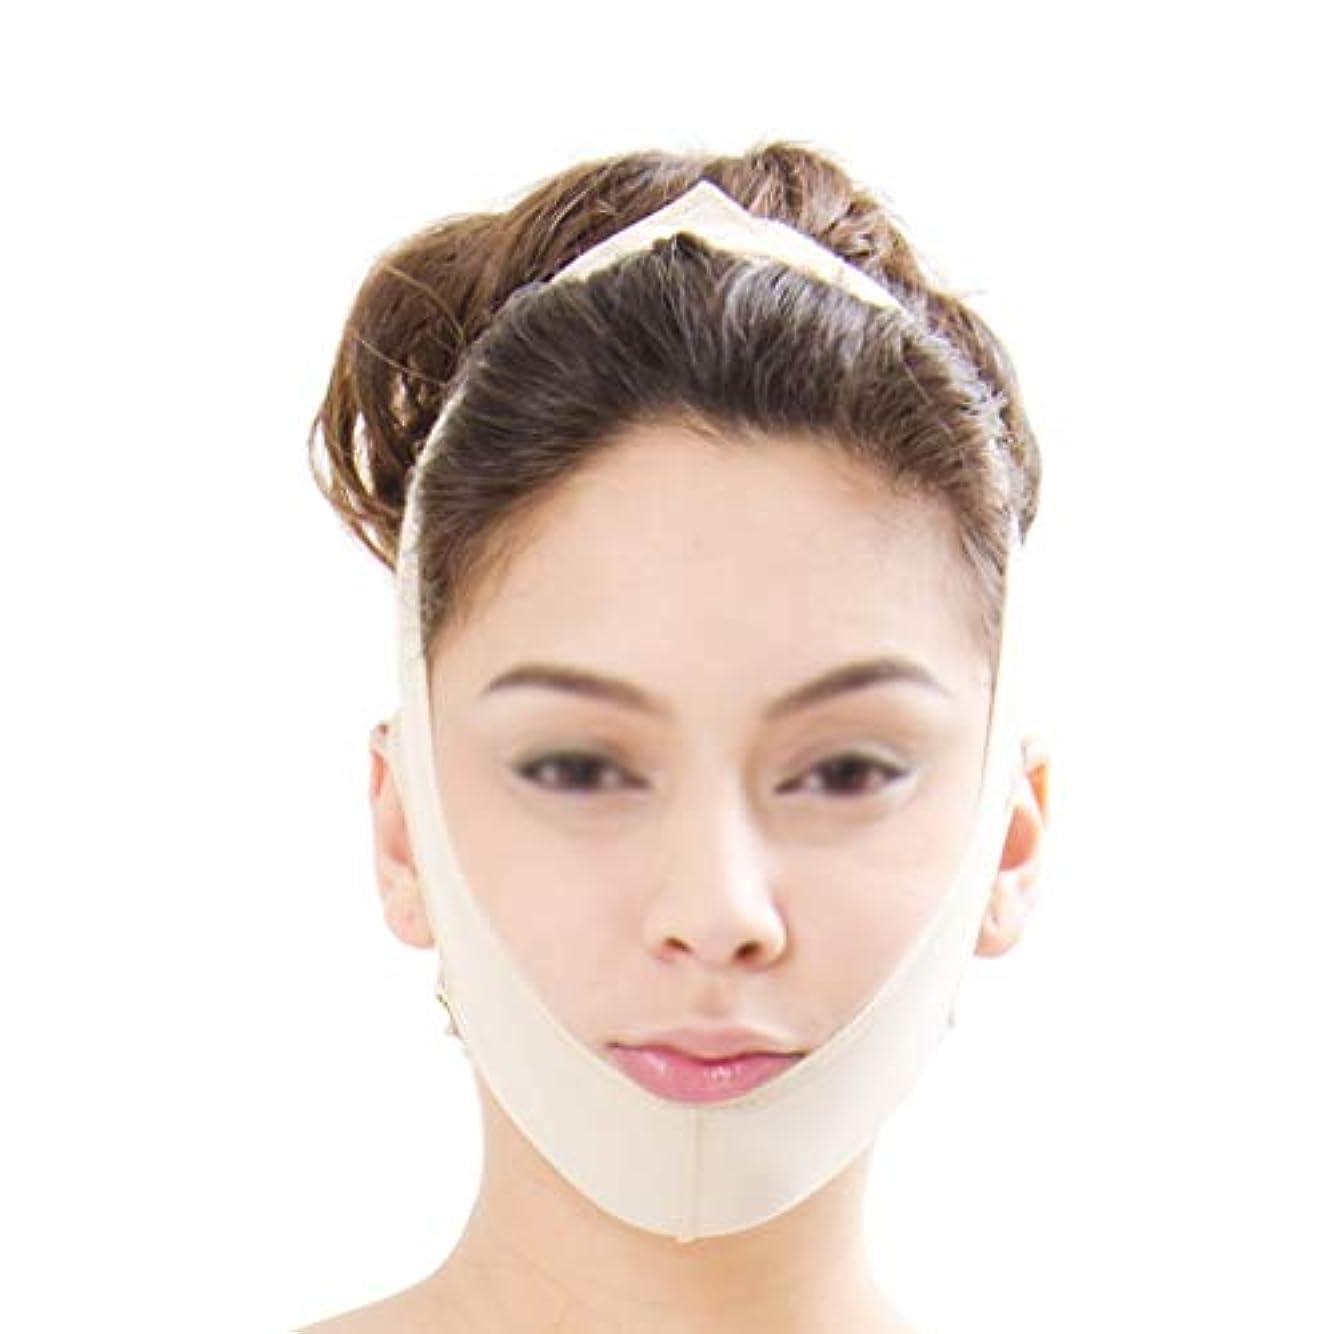 食品不潔取り除くXHLMRMJ フェイススリミング包帯、フェイスリフティングマスク、フェイスリフティング包帯、フェイシャル減量マスク、ダブルチンケア減量 (Size : XXL)